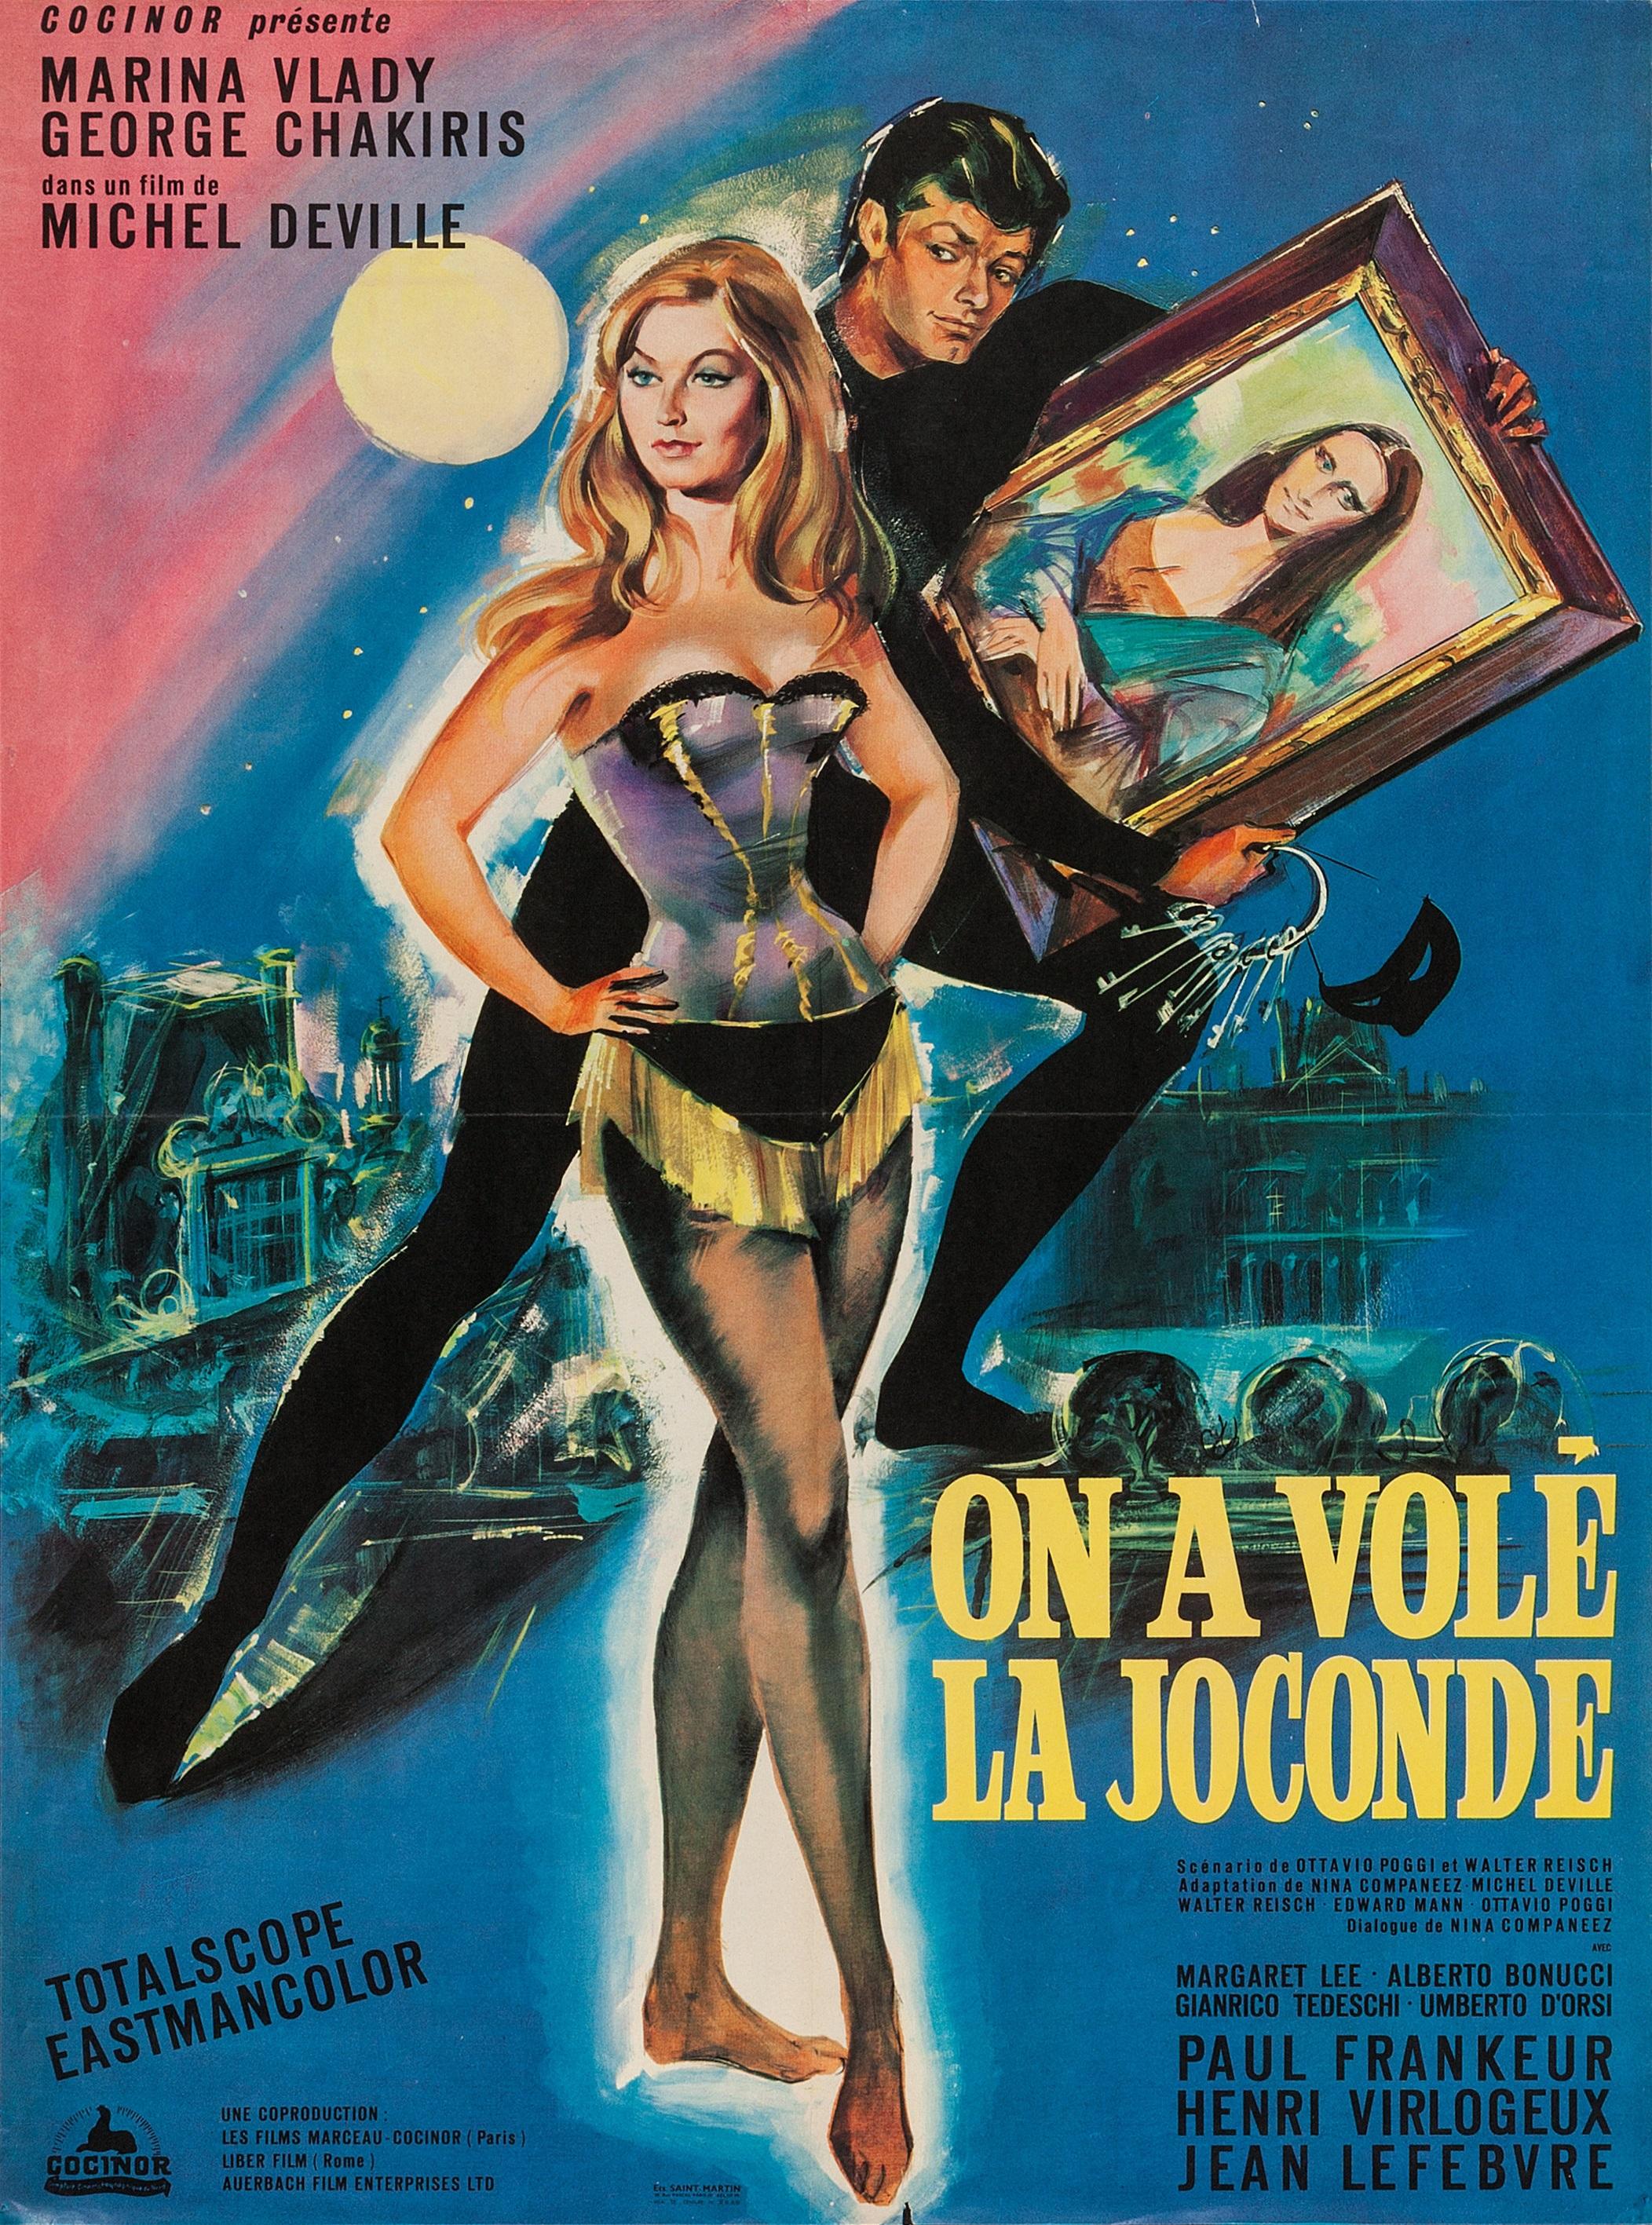 Marina Vlady in Il ladro della Gioconda (1966)